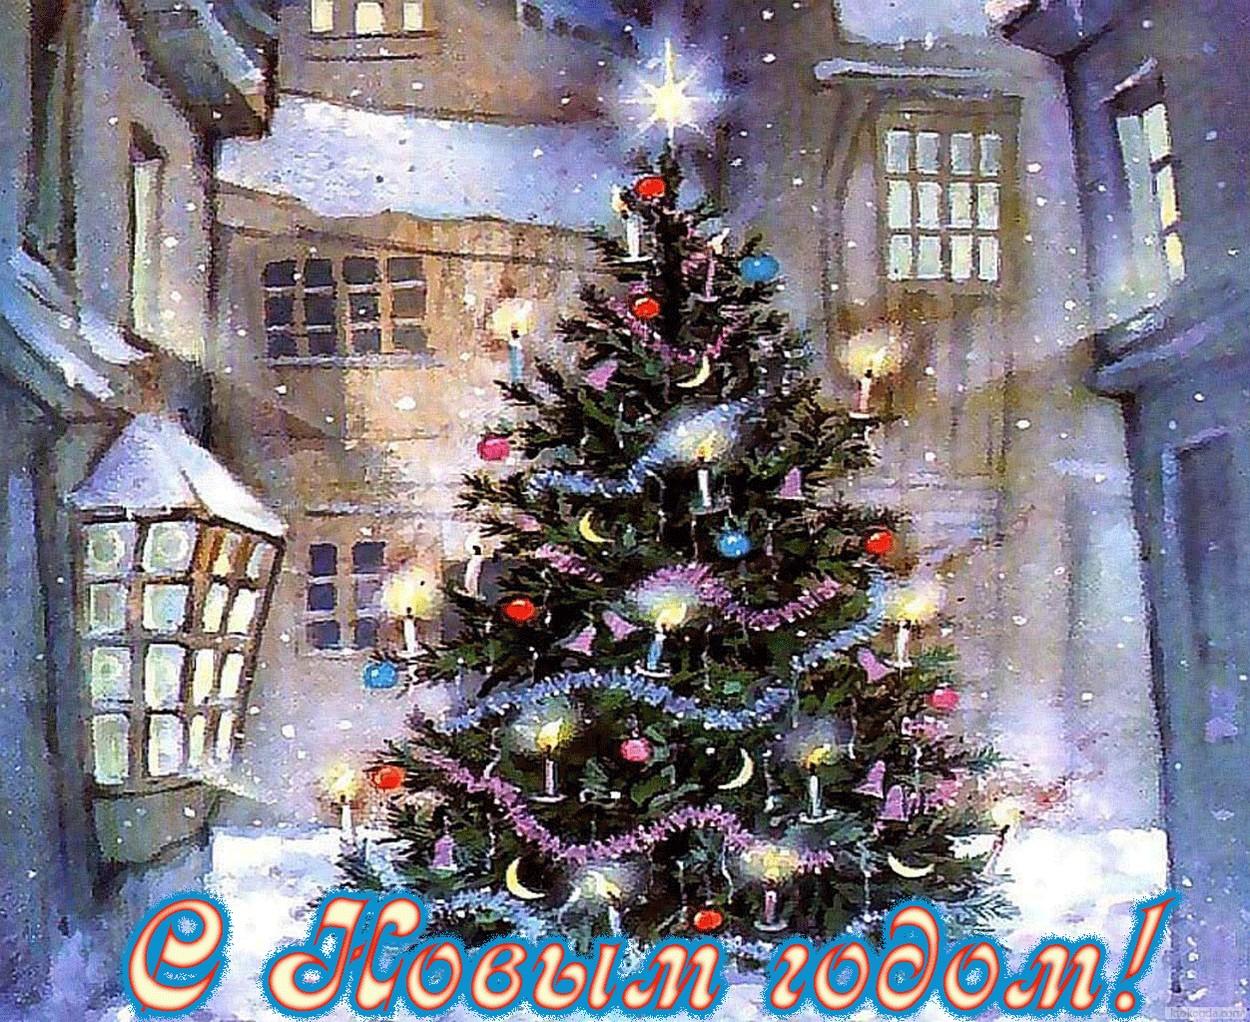 Дорогие наши участники. От всей души поздравляем Вас с наступающим Новым годом. Всего Вам самого хорошего в Новом году! Спасибо за участие в наших закупках. Будем рады Вас в видеть в Новом году.